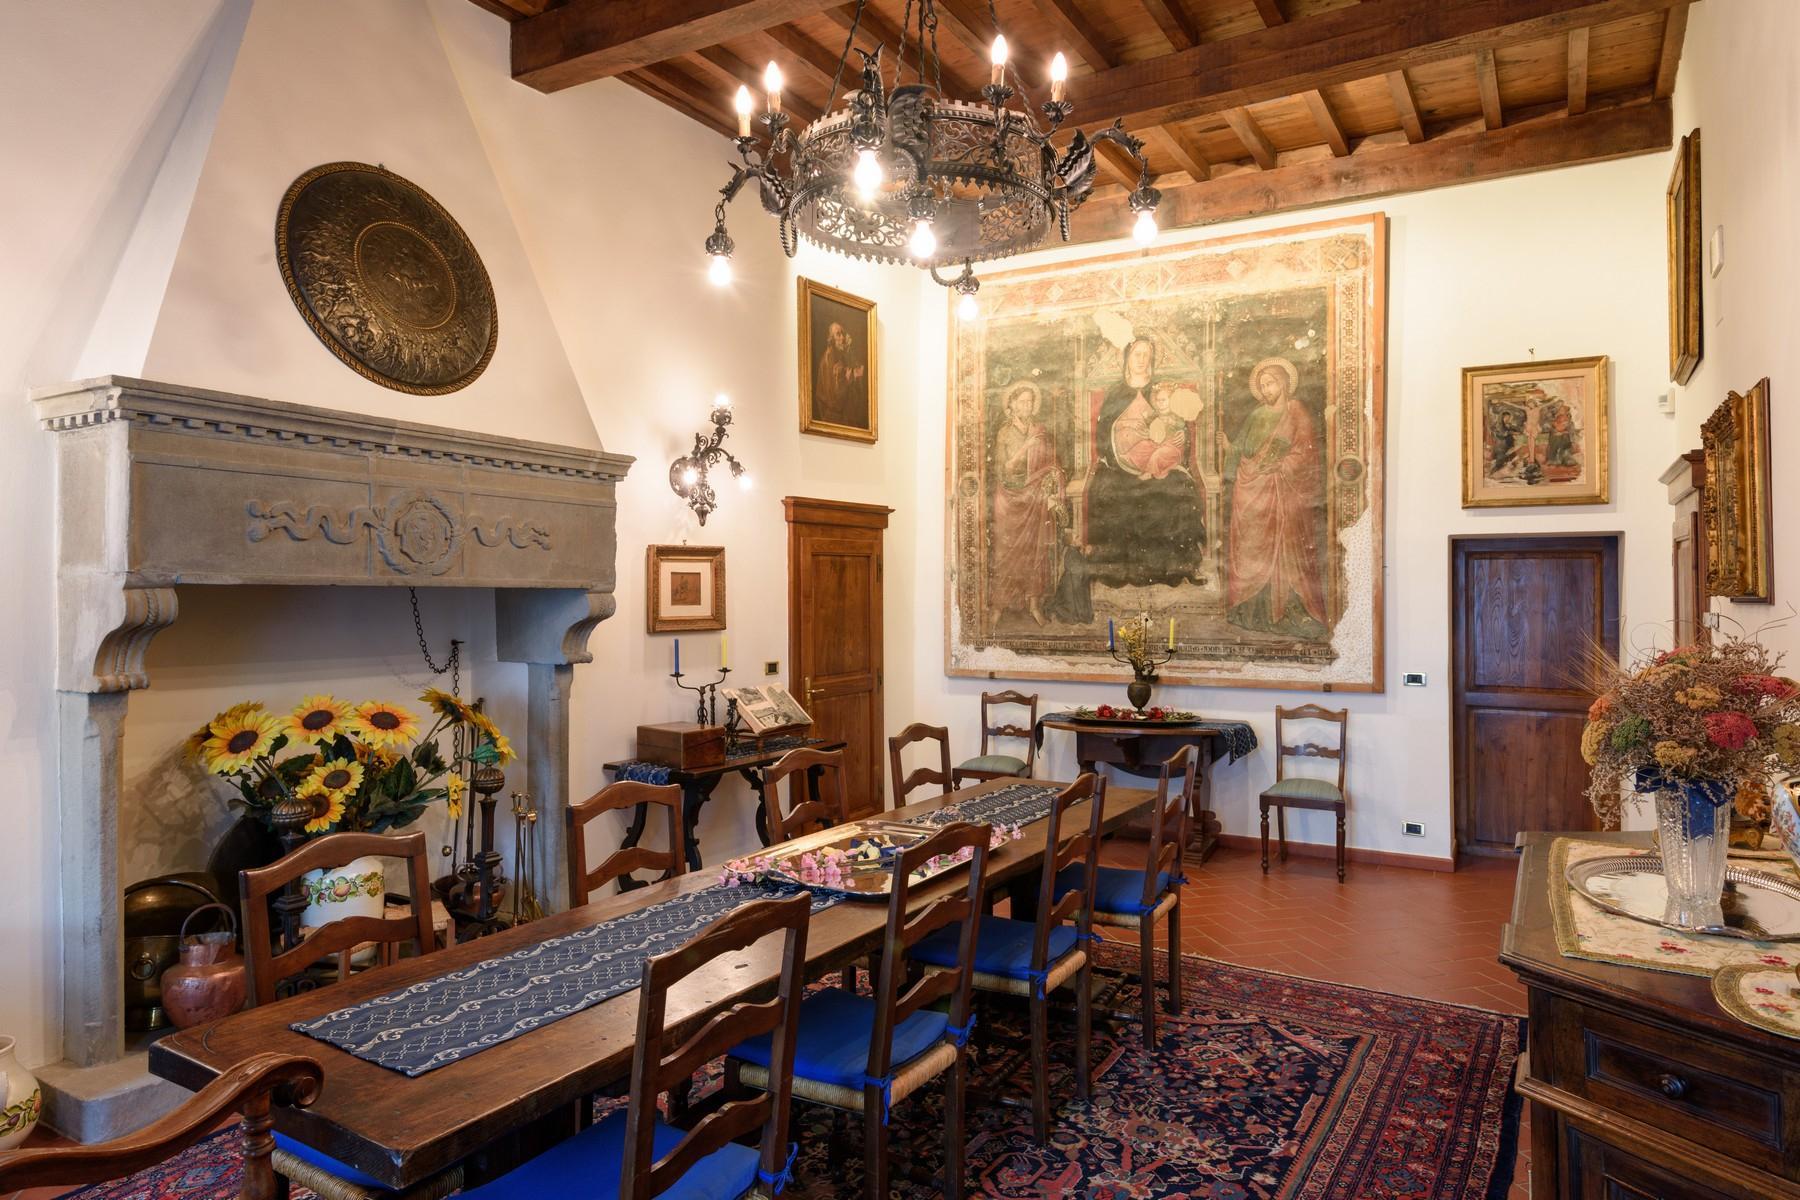 Val di Chiana中心地带10世纪的建筑 - 9